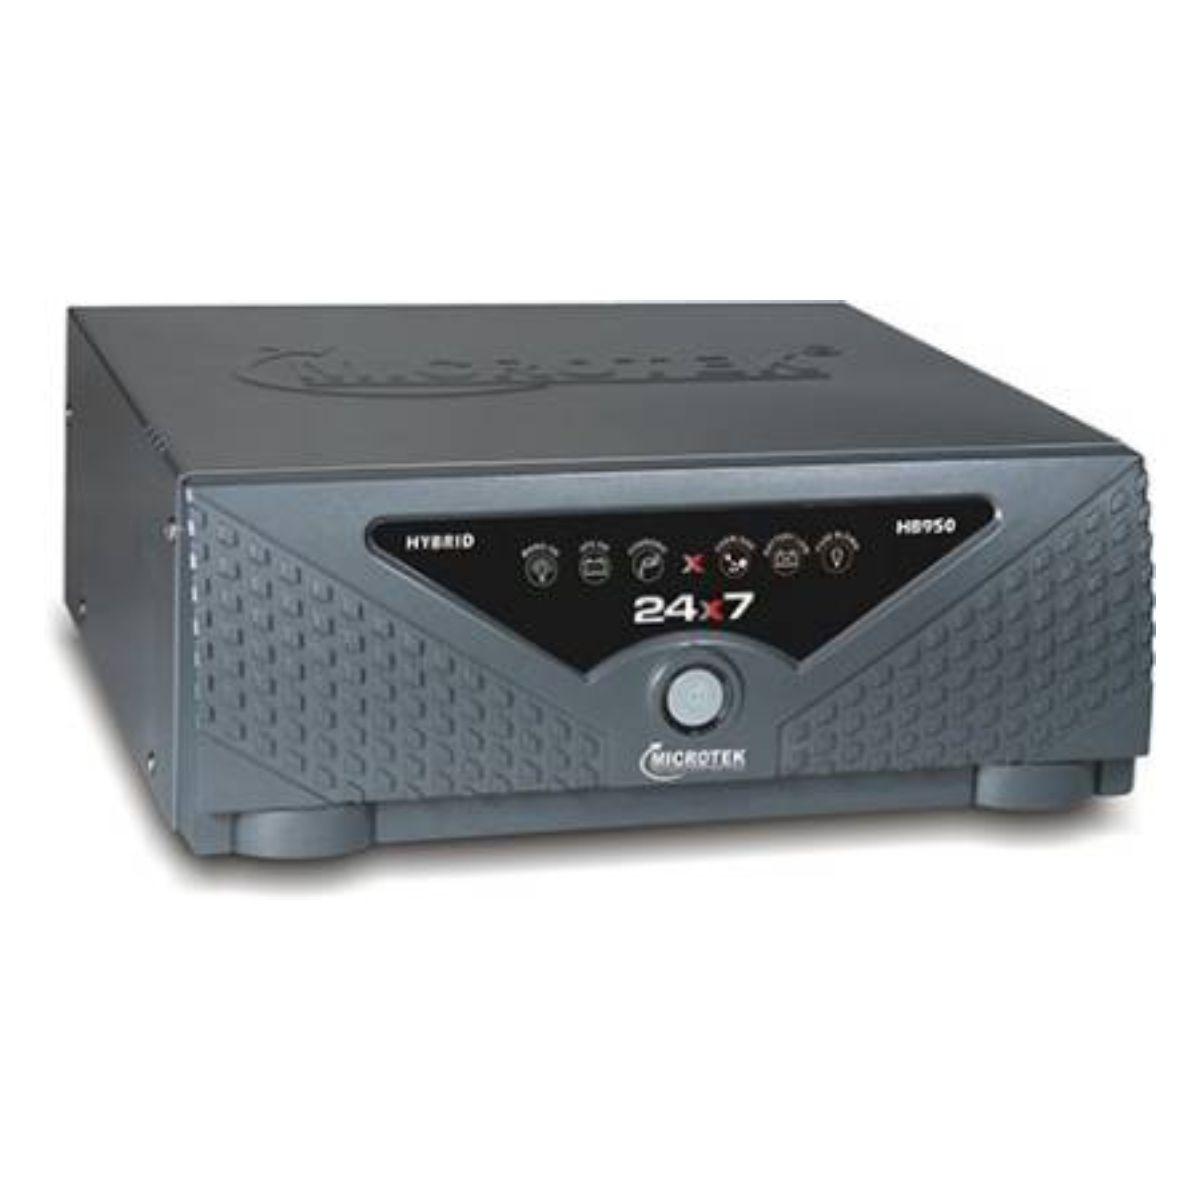 Microtek UPS HB 950V2 Pure Sine Wave Inverter